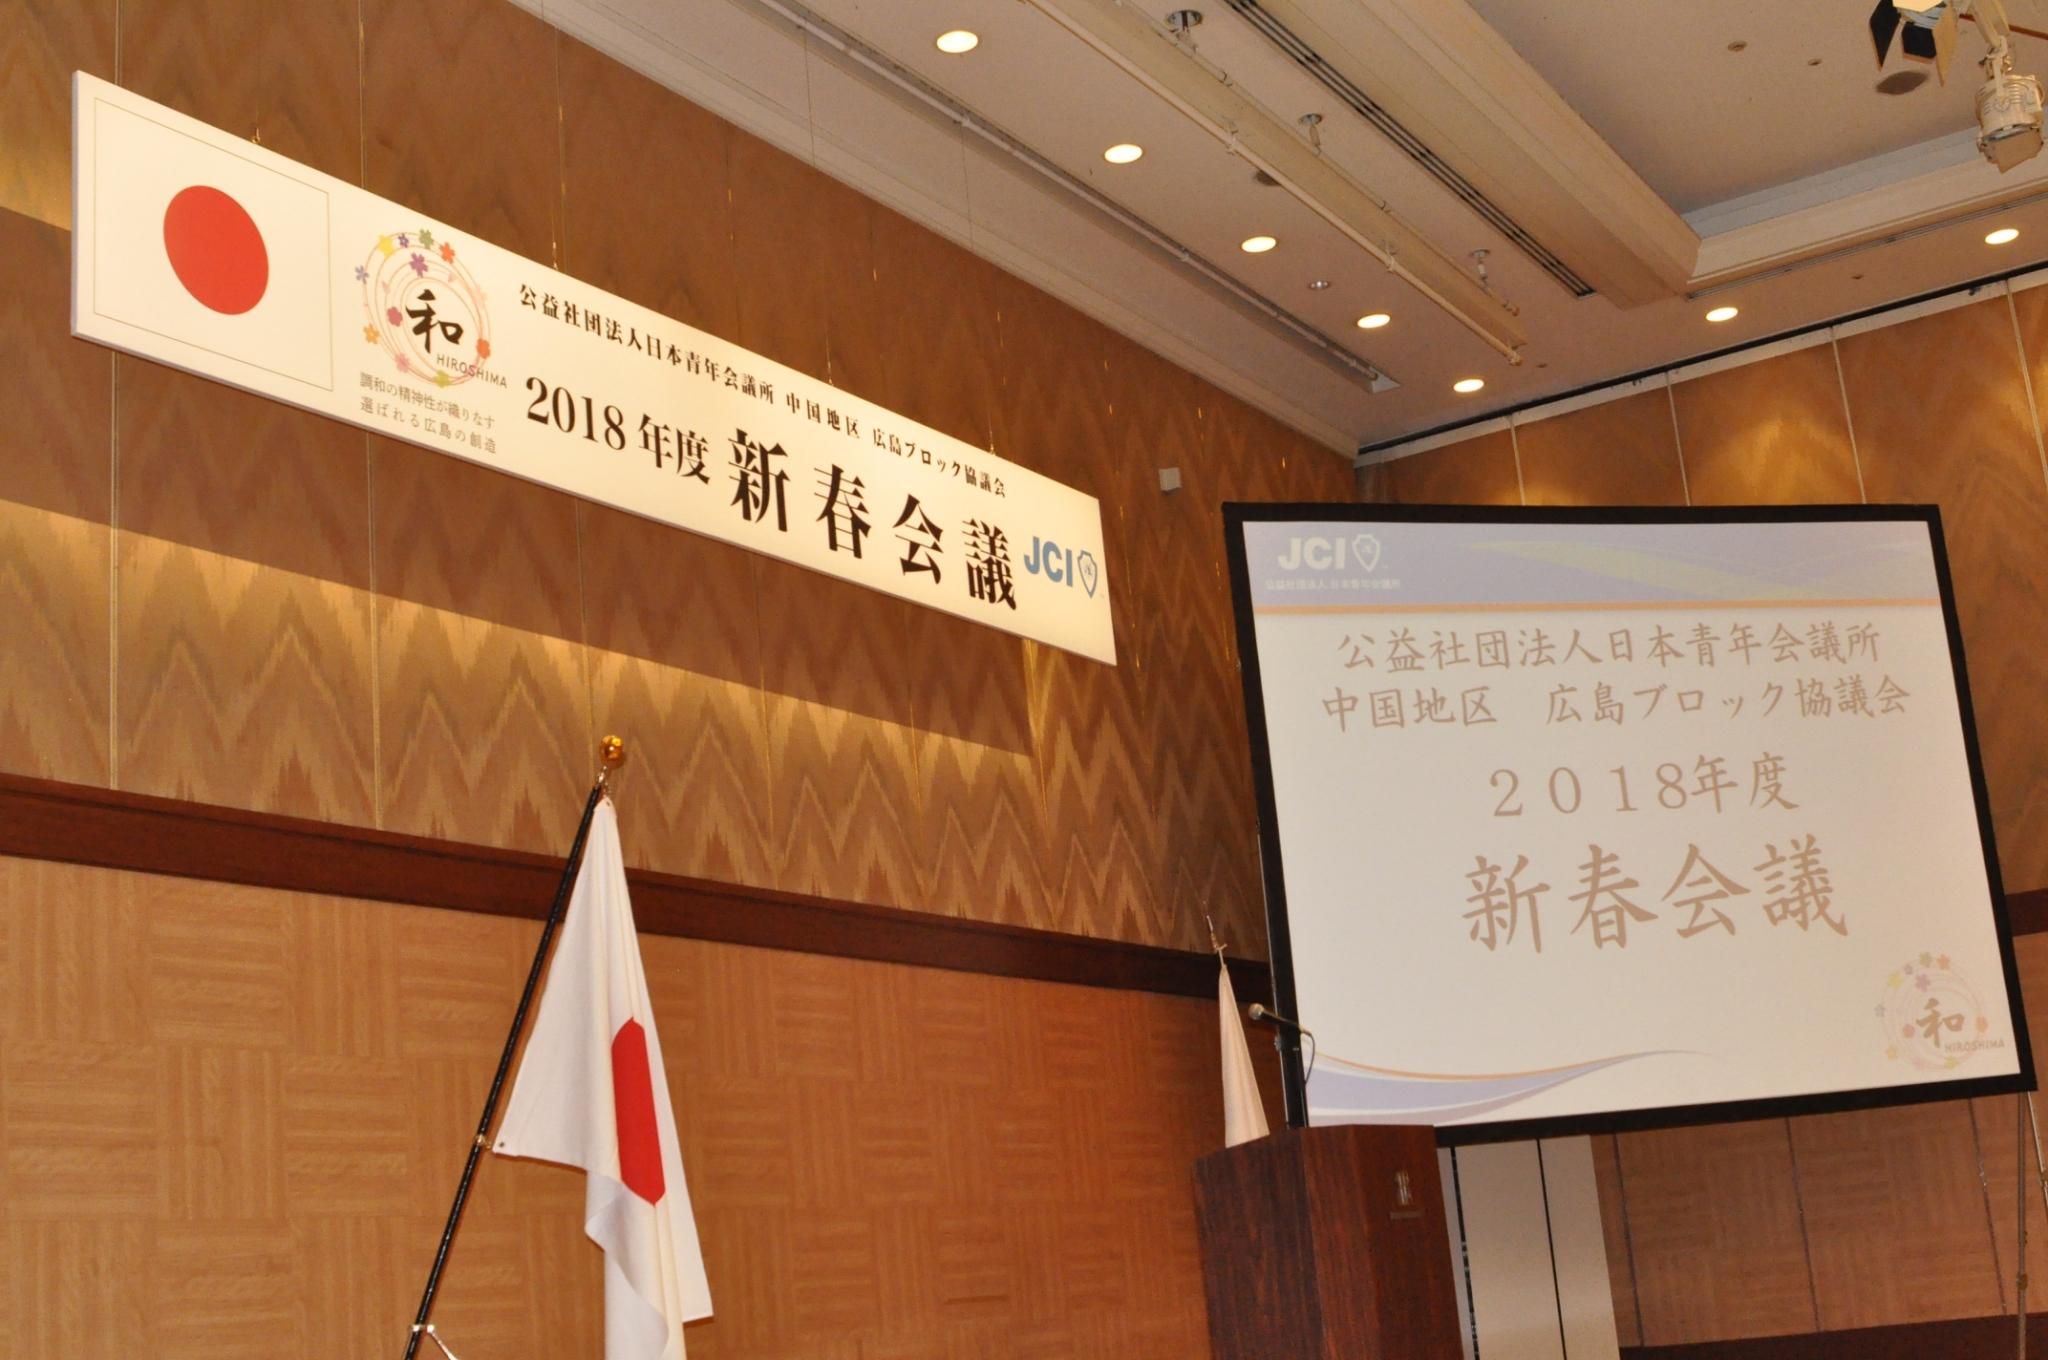 公益社団法人日本青年会議所中国地区広島ブロック協議会2018年度新春会議